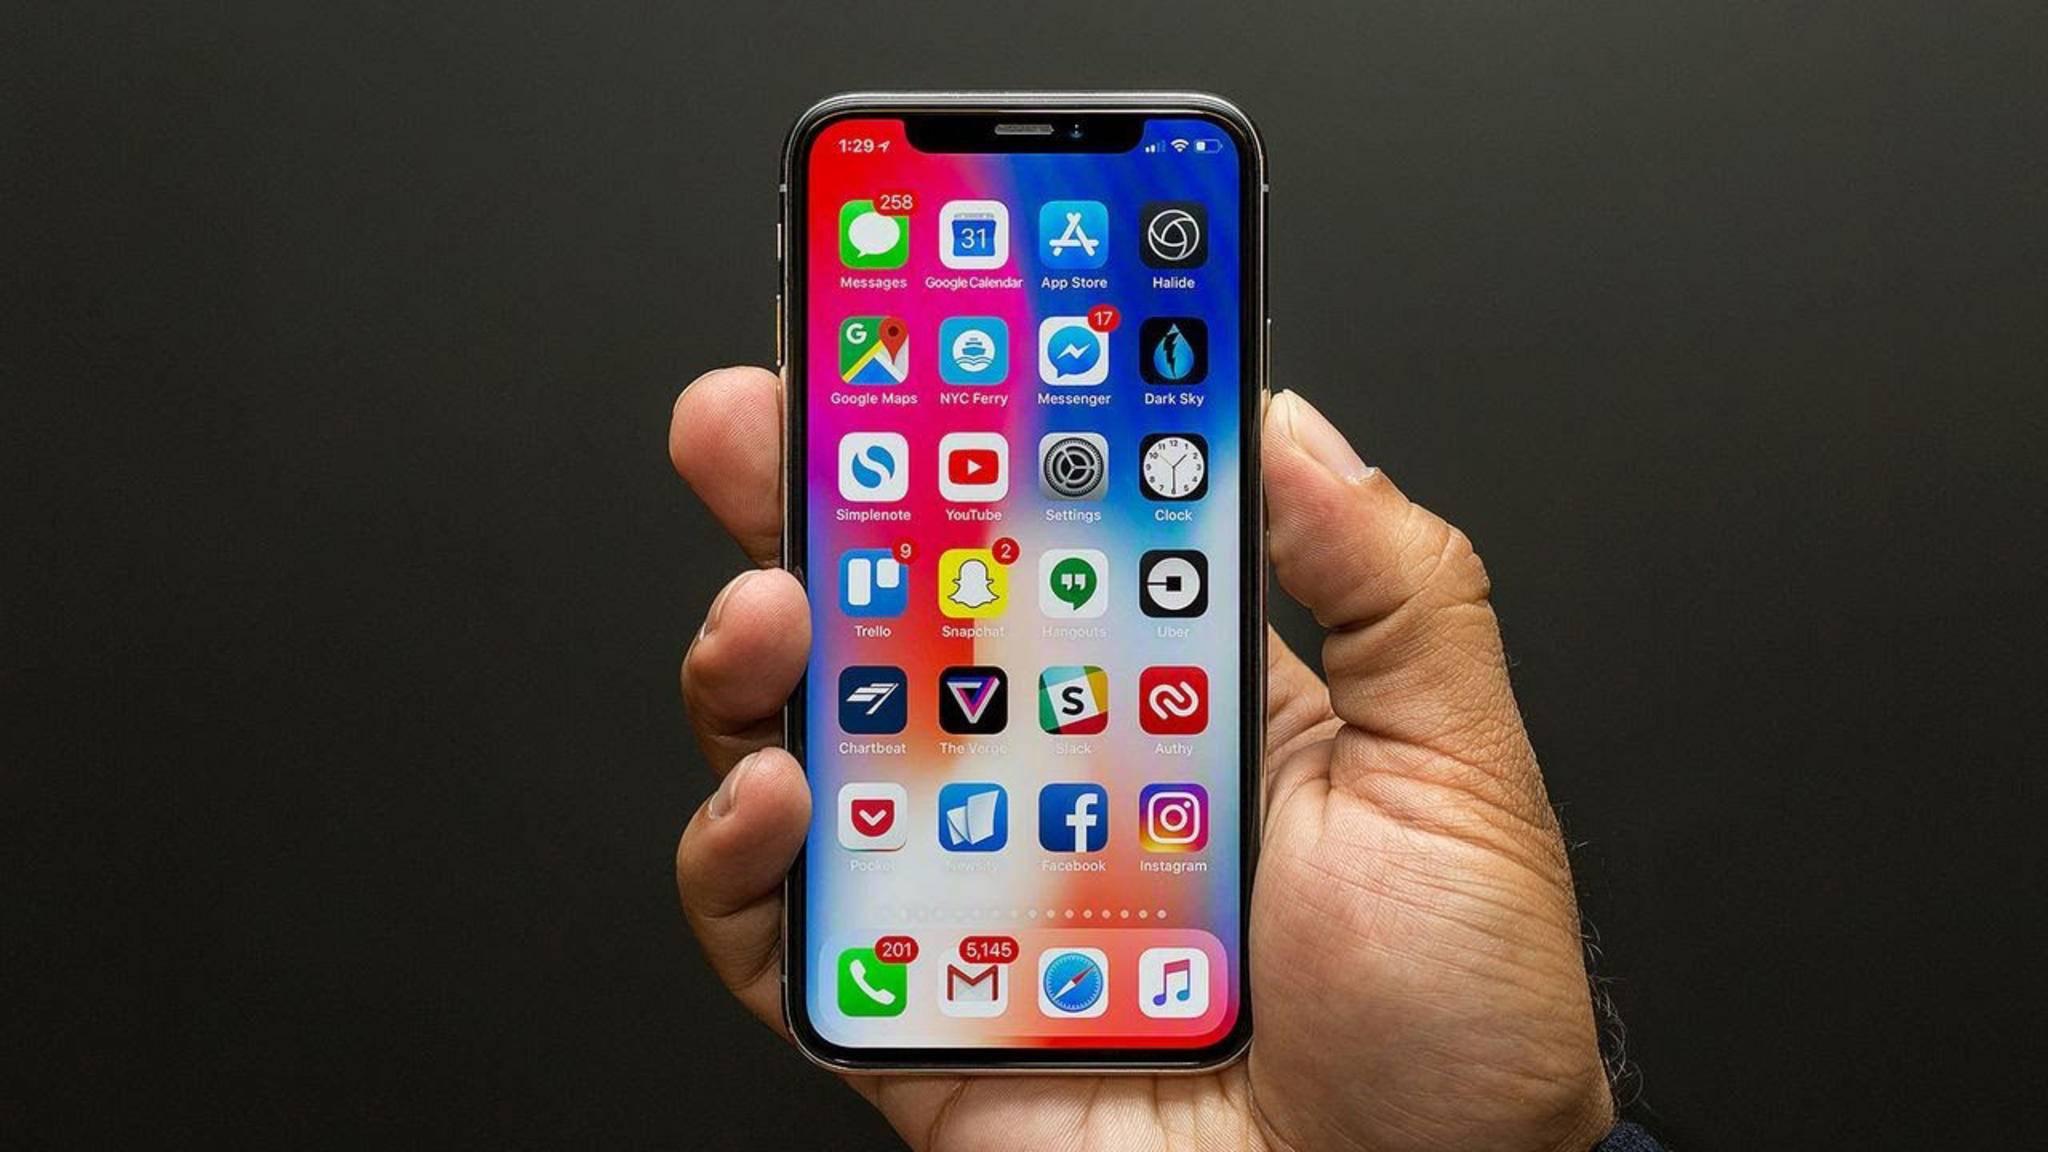 Die Seitentaste des iPhone X hat ein paar neue Tricks auf Lager.